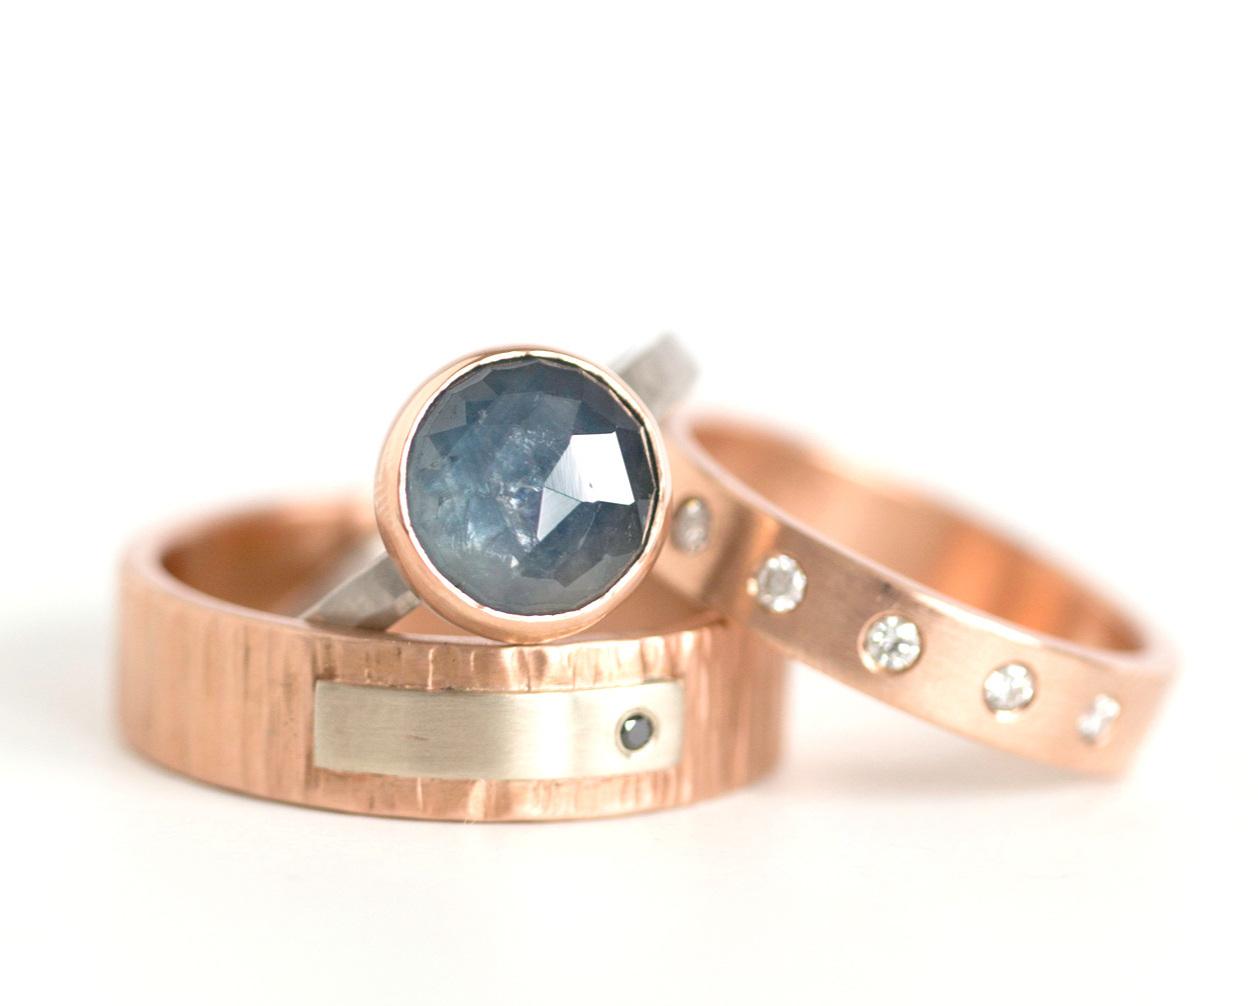 14kp-rivet-ring-linear-hammered-white-flush-set-diamonds-half-eternity-band-blue-rosecut-sapphire-14k-red-gold-bezel-web.jpg